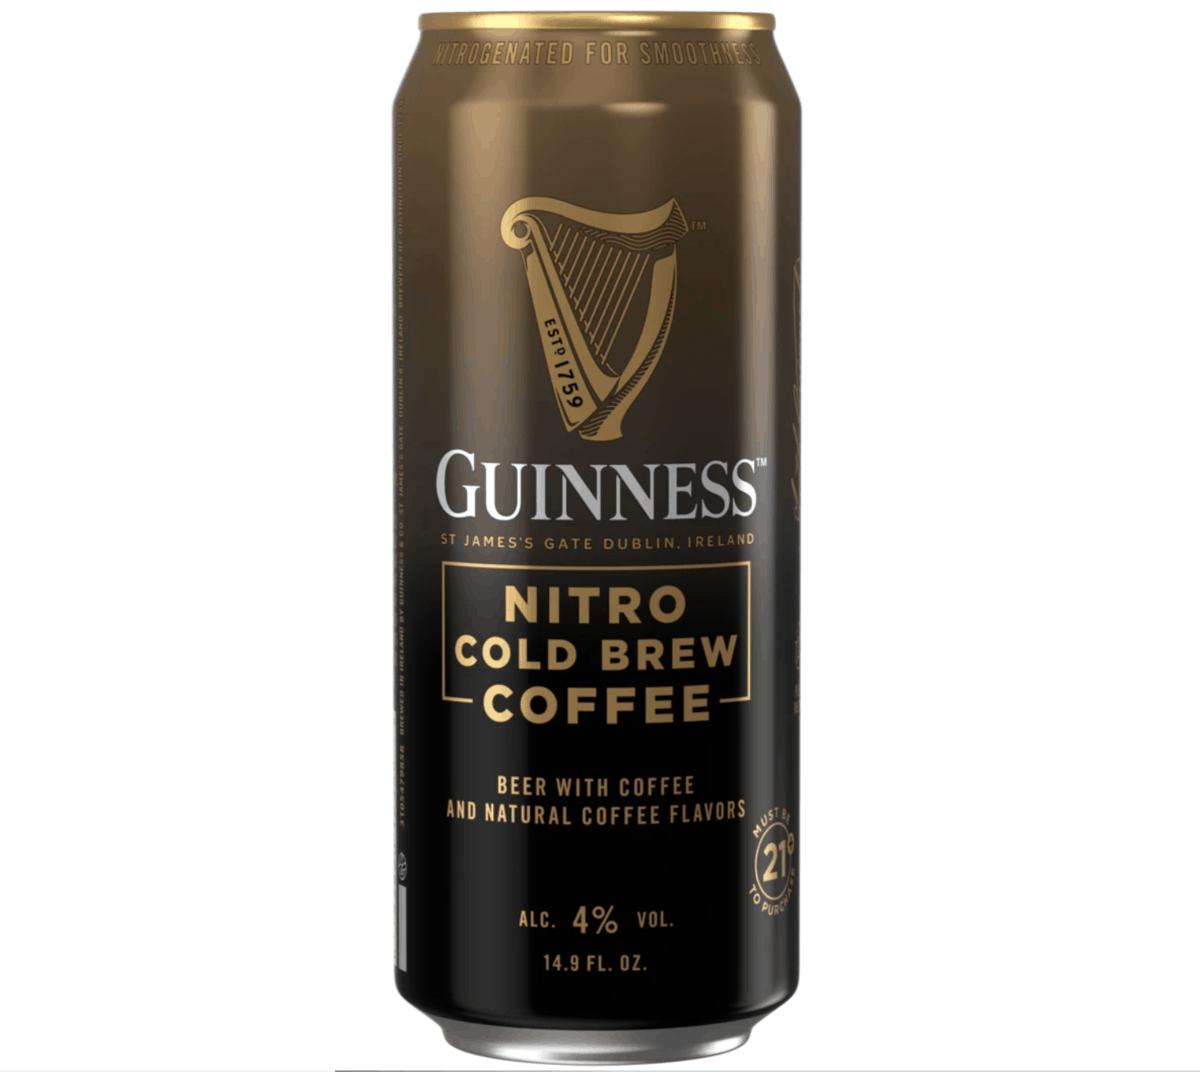 guinness-nitro-cold-brew-coffee-2